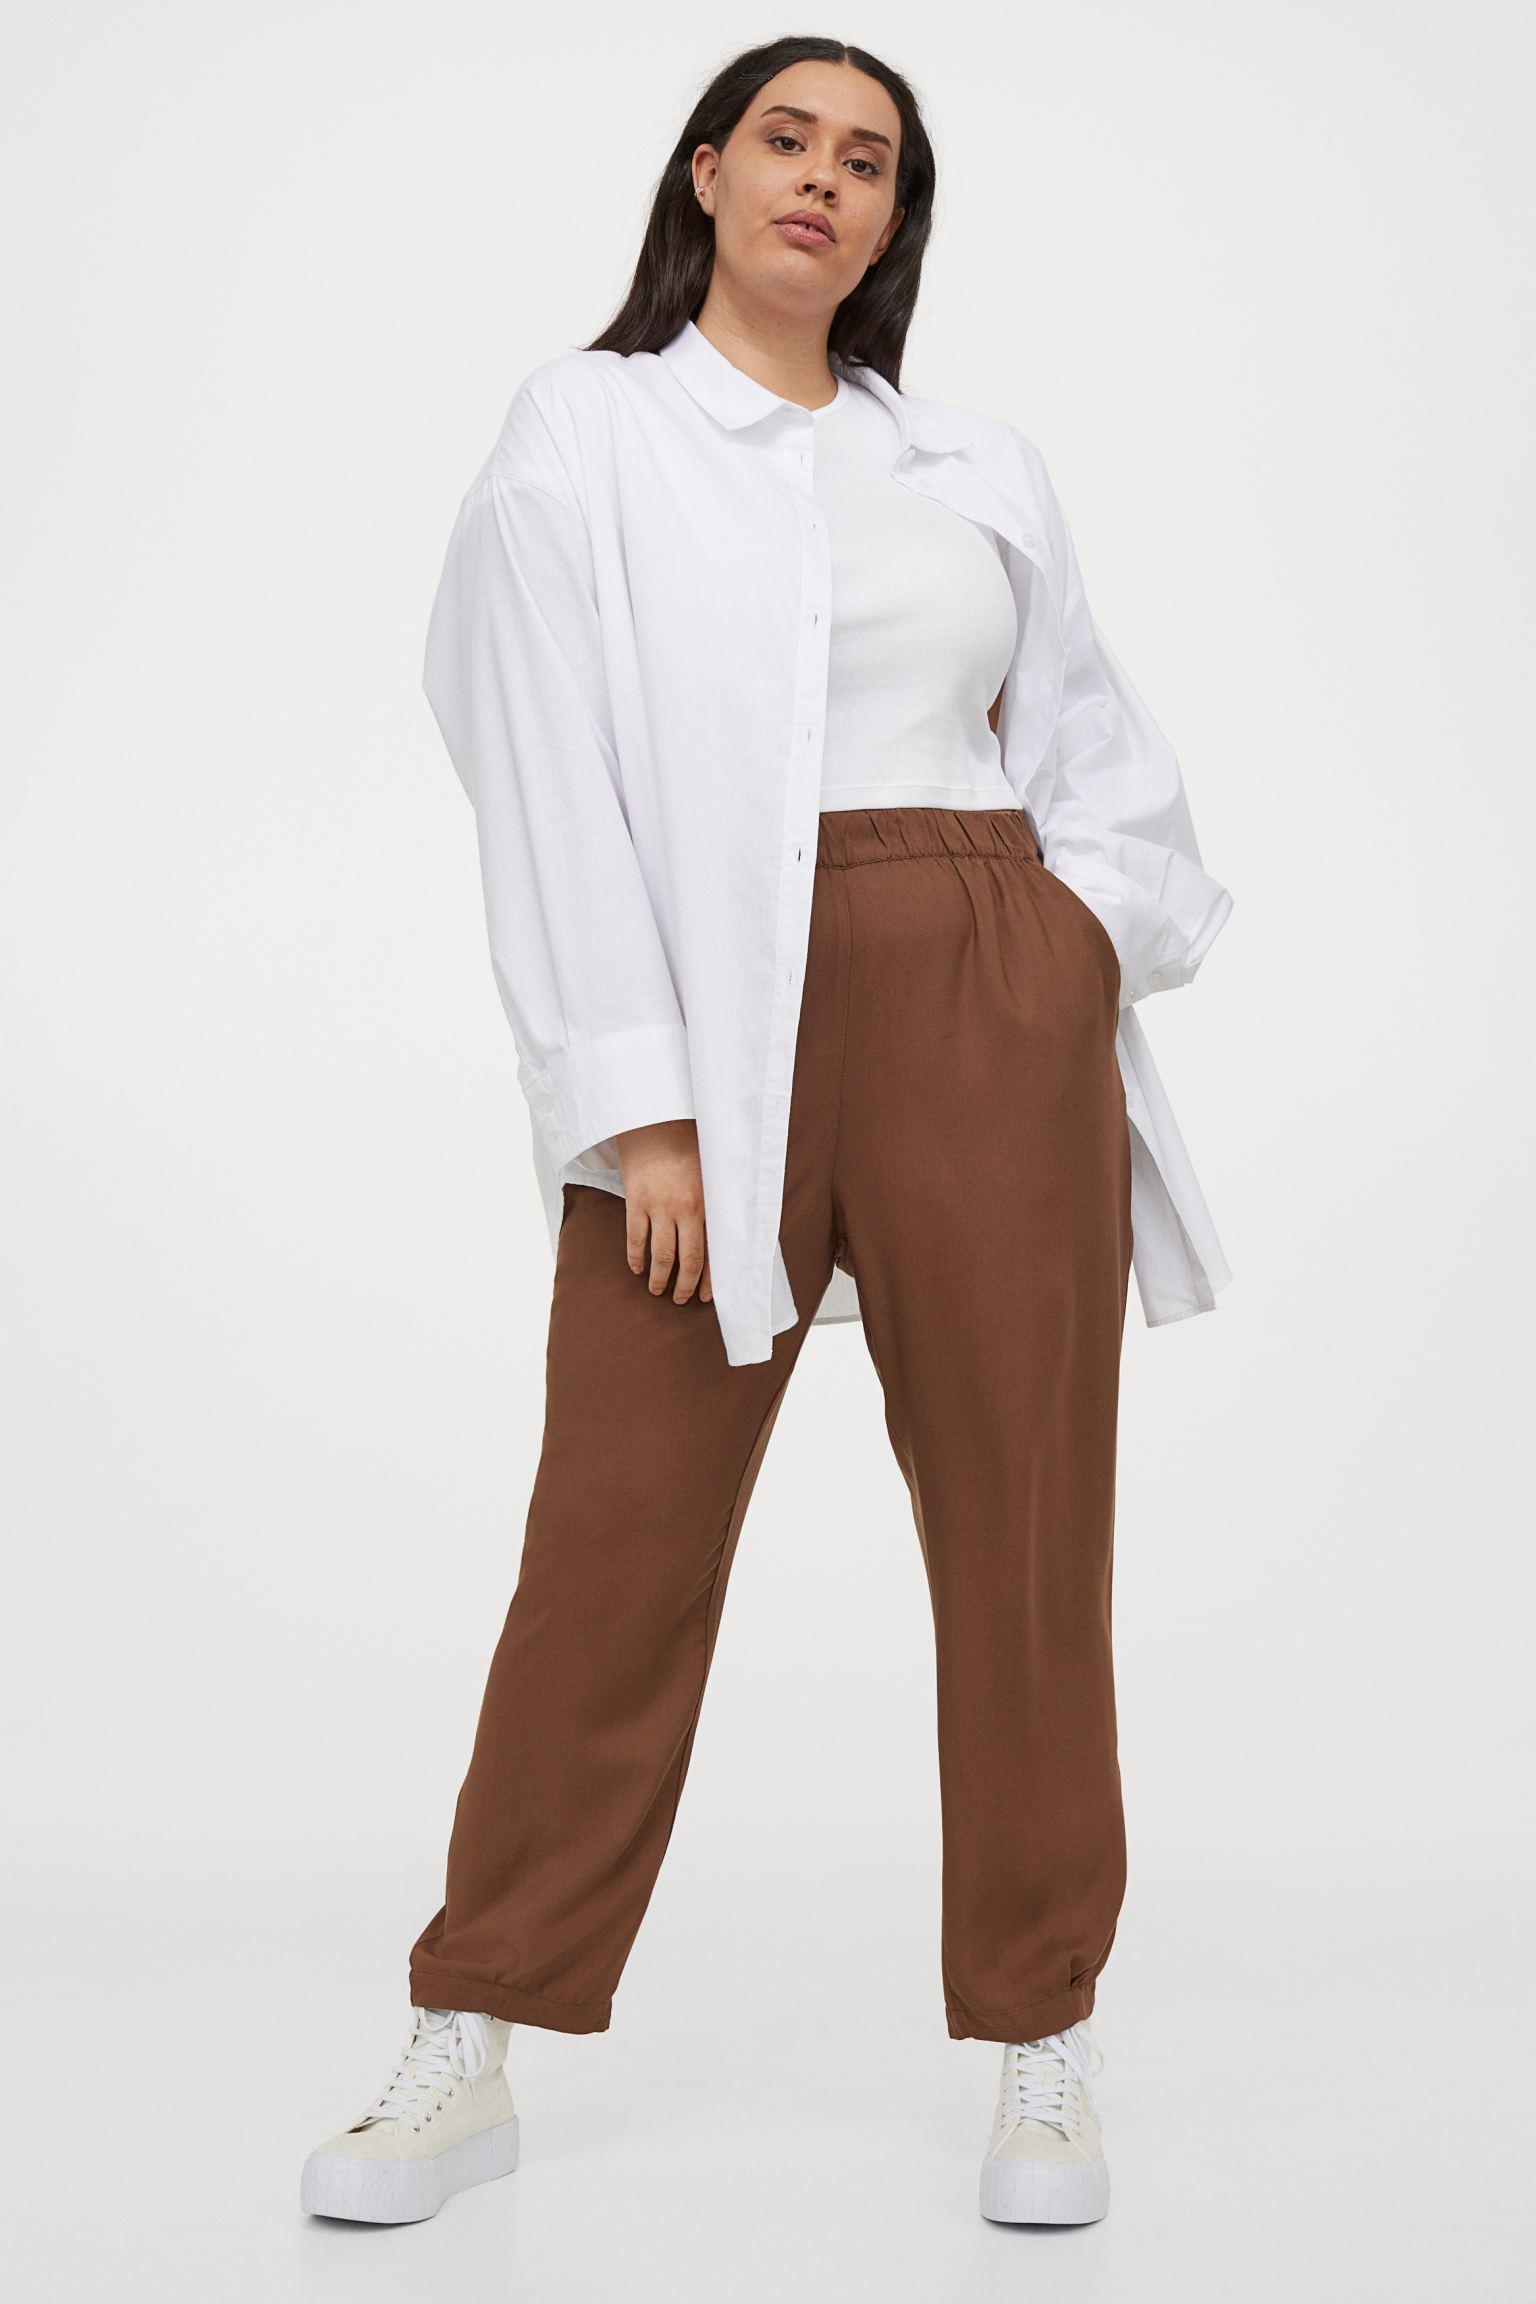 Pantalón tobillero en tejido vaporoso. Modelo de talle alto con elástico revestido en la cintura, bolsillos al bies y perneras globo con bajos ceñidos con pliegue